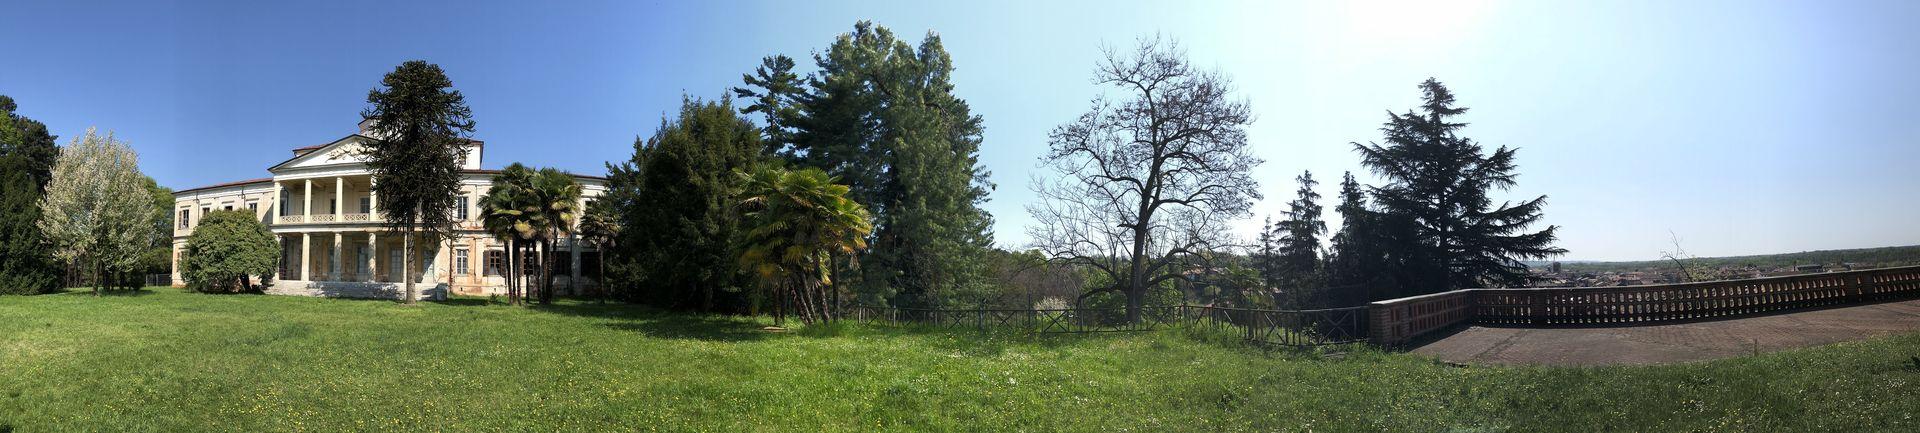 Die Villa Caccia im romantischen Weinstädtchen Romagnano Sesia ist ein weiteres Bauwerk Antonellis.